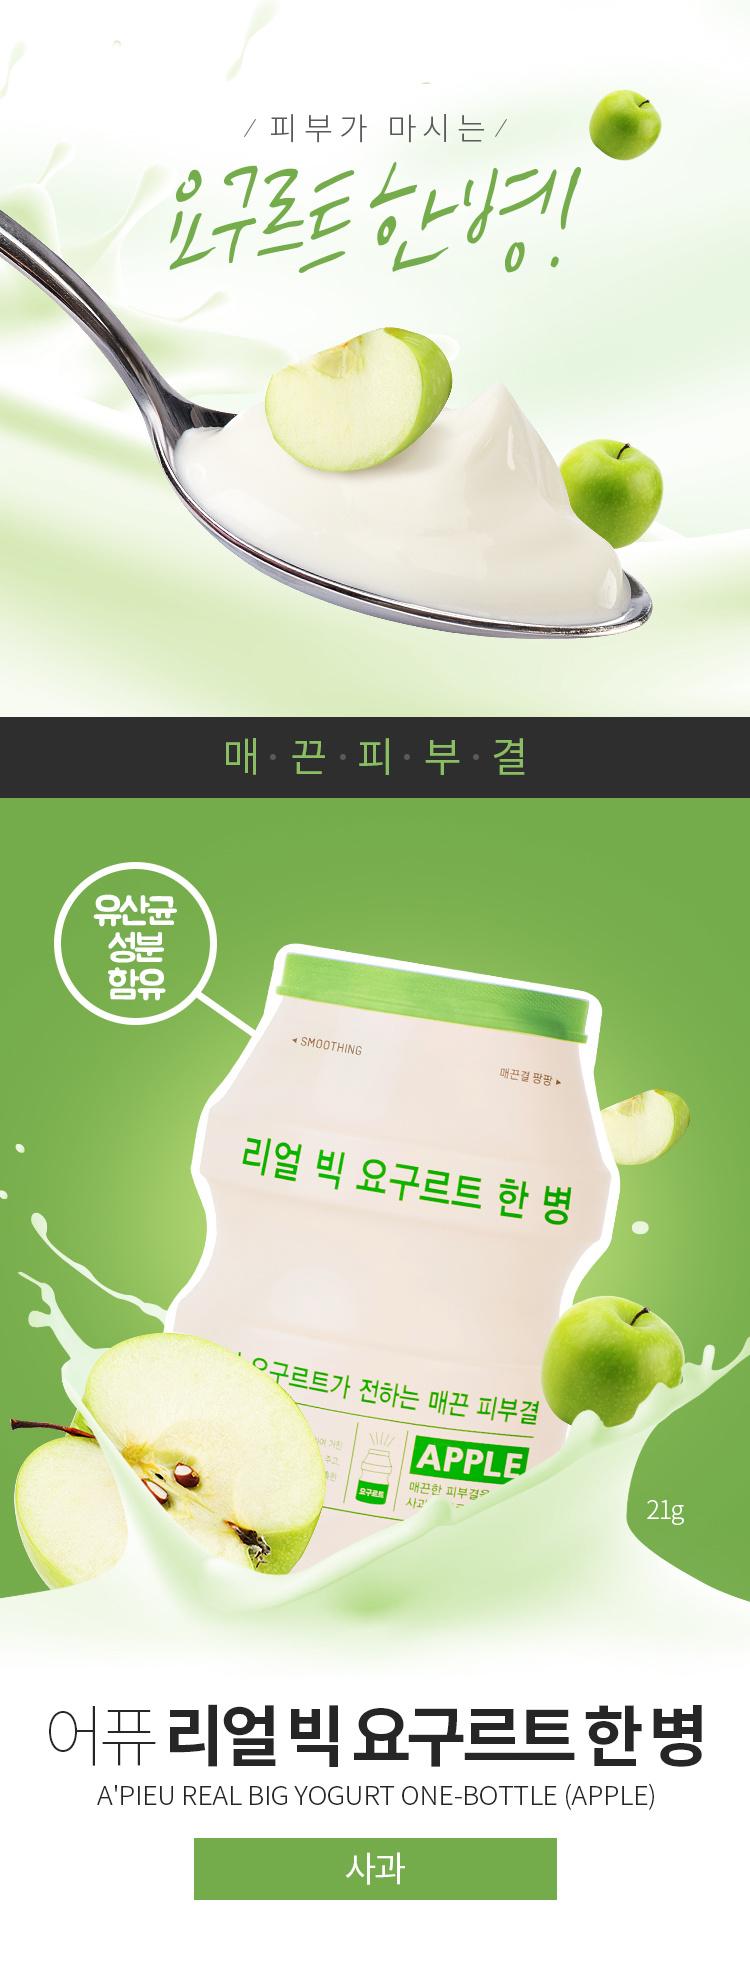 Real Big Yogurt One-Bottle #Apple-2